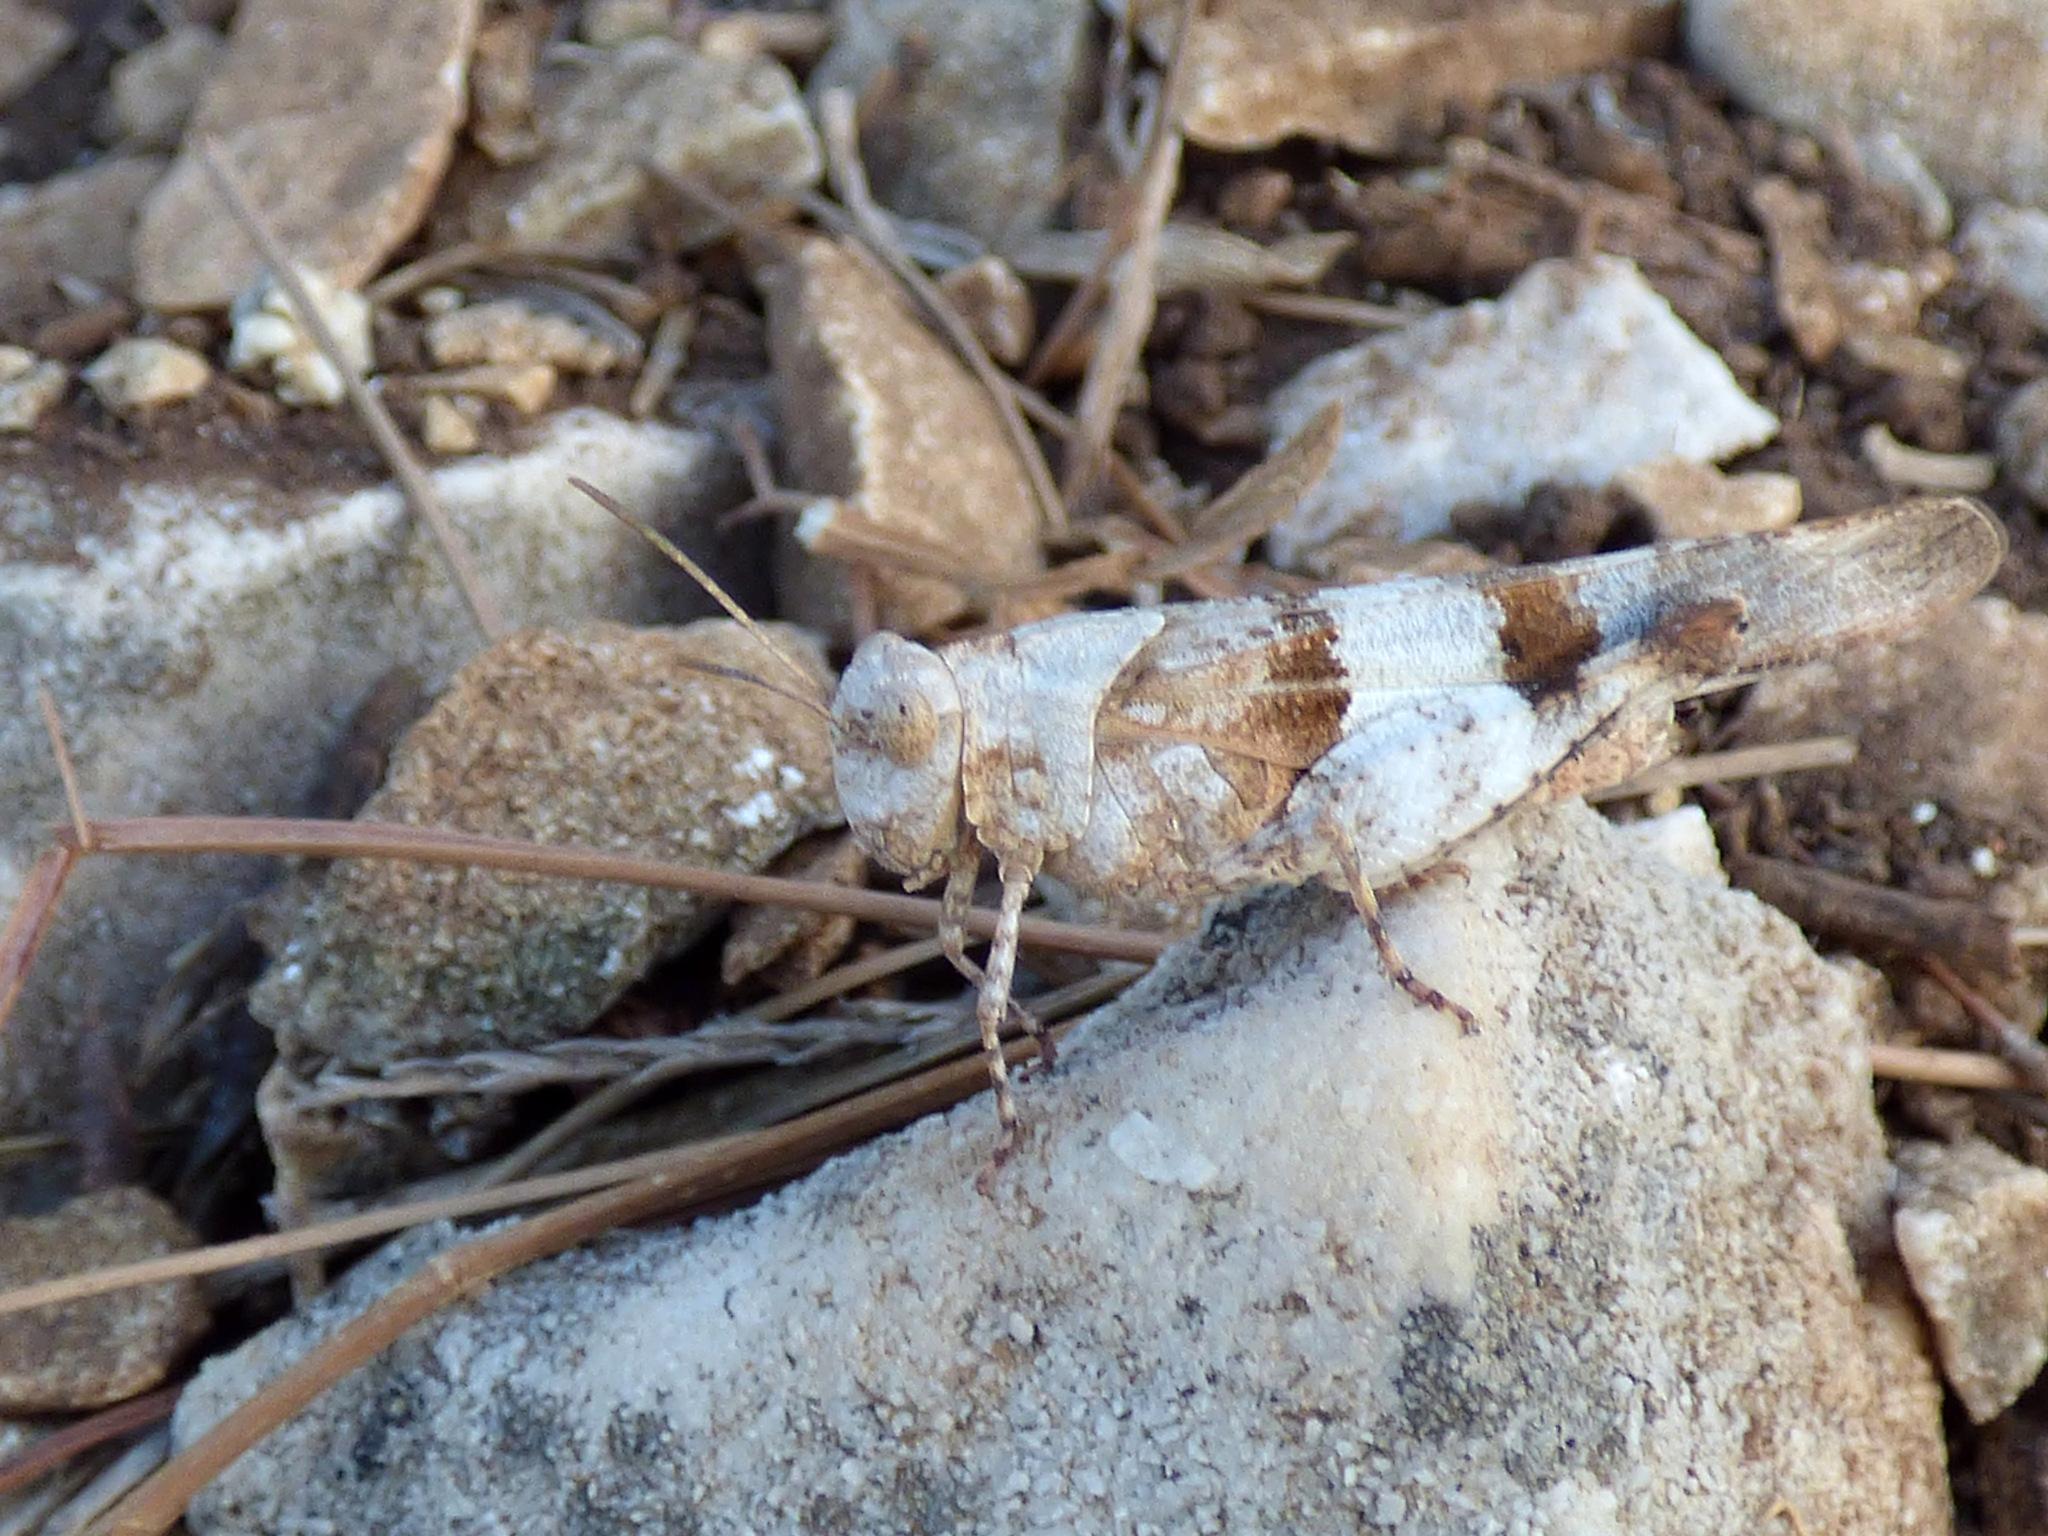 Camouflage by György Horváth